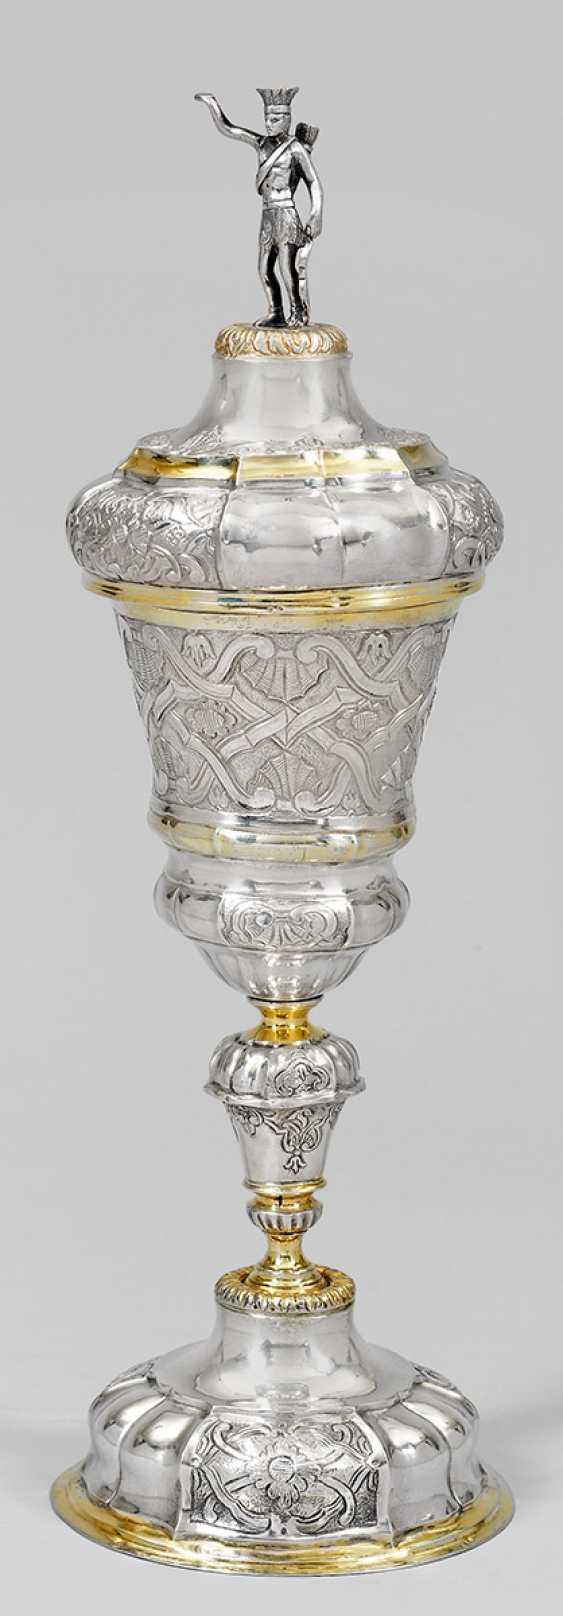 Big Hamburger Lid Cup - photo 1